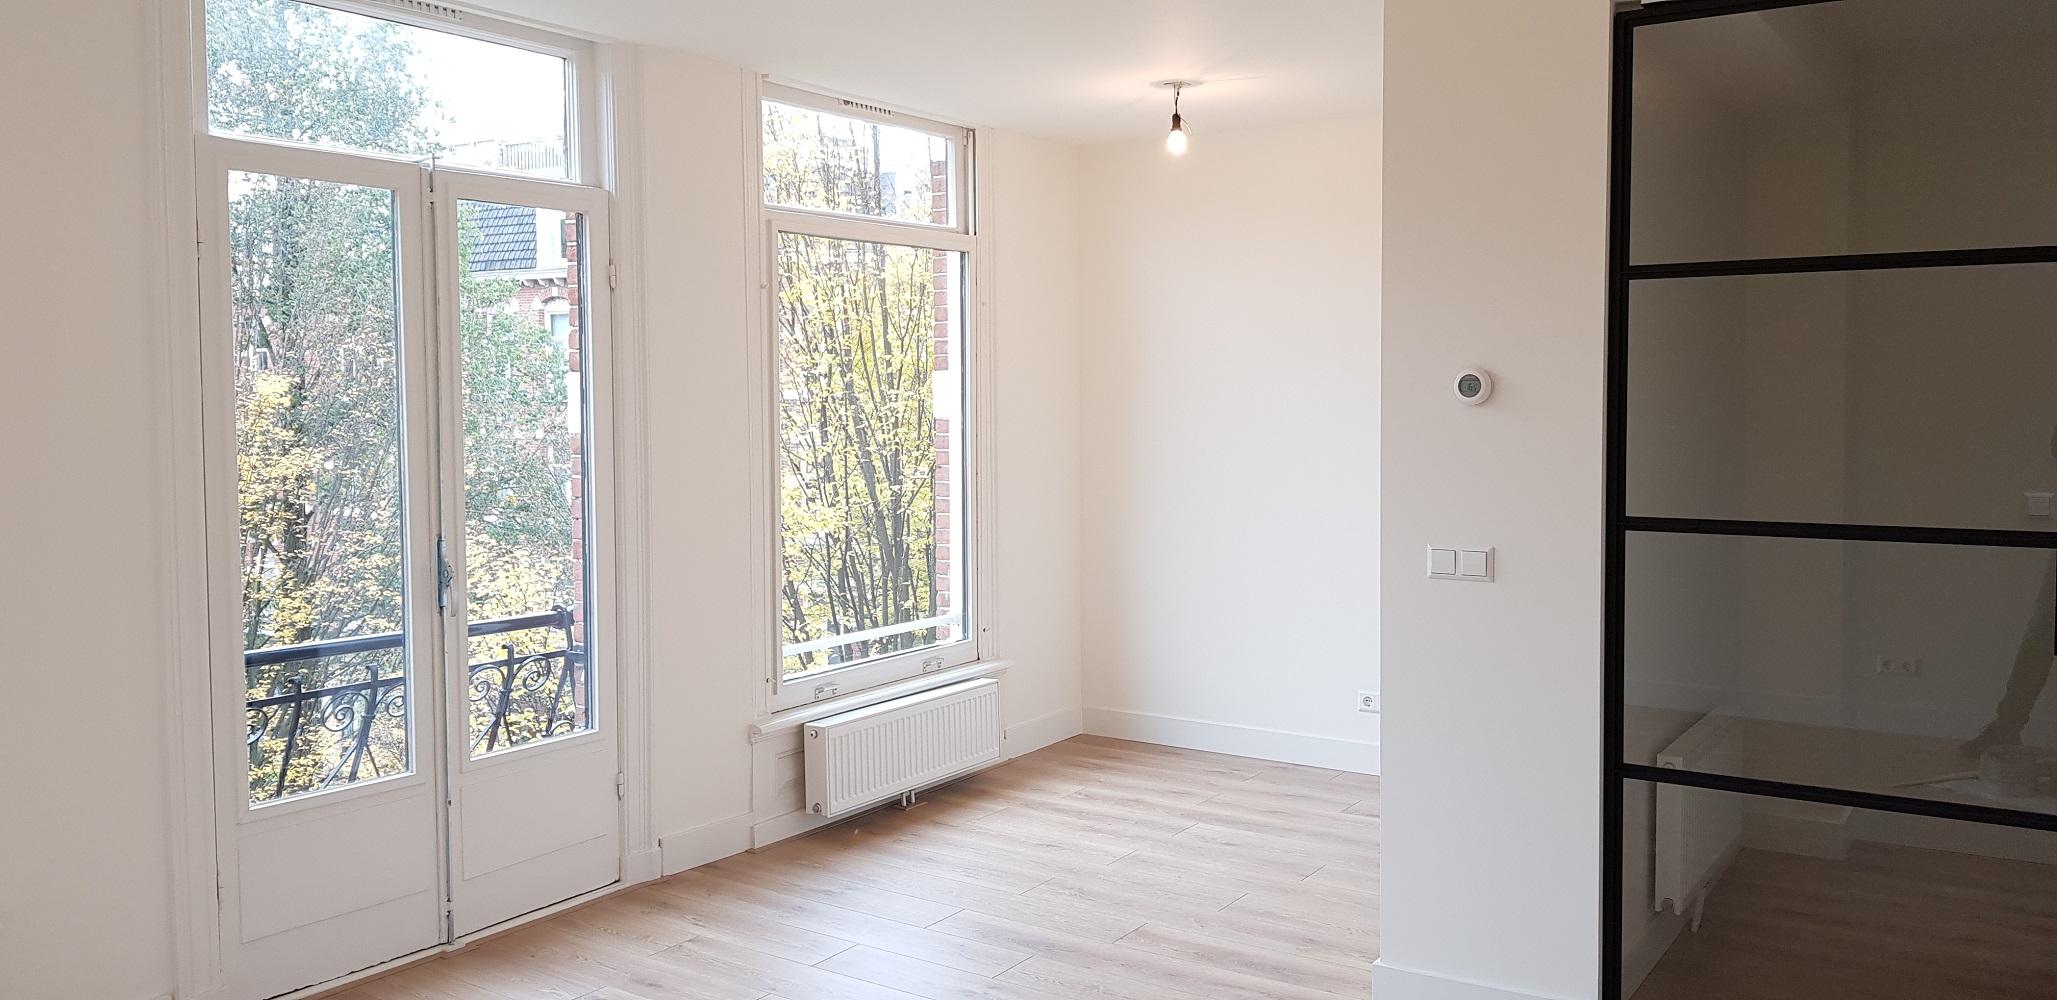 UFA Bouw_Verbouwing_Bosboom Toussaintstraat 31_stalen deur en ramen huiskamer